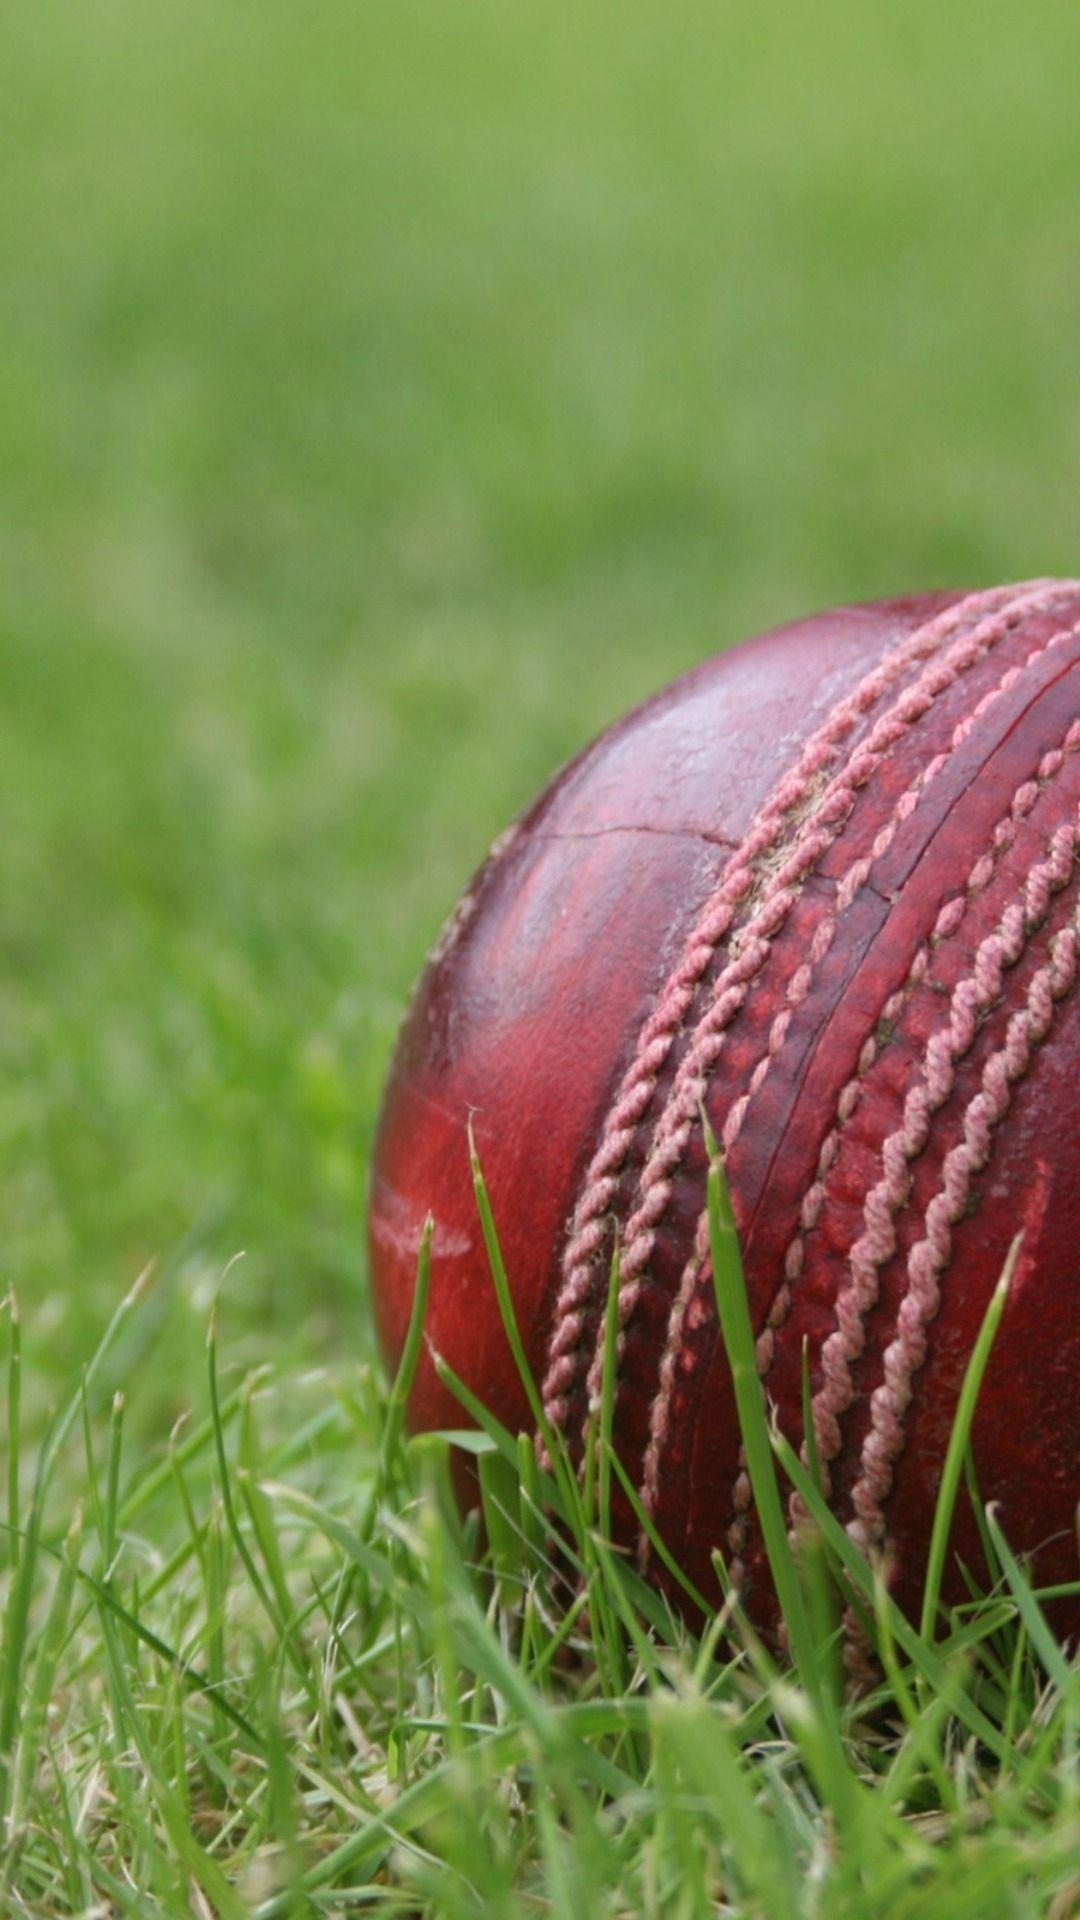 Cricket Iphone Wallpapers - Download Best Cricket Iphone ...